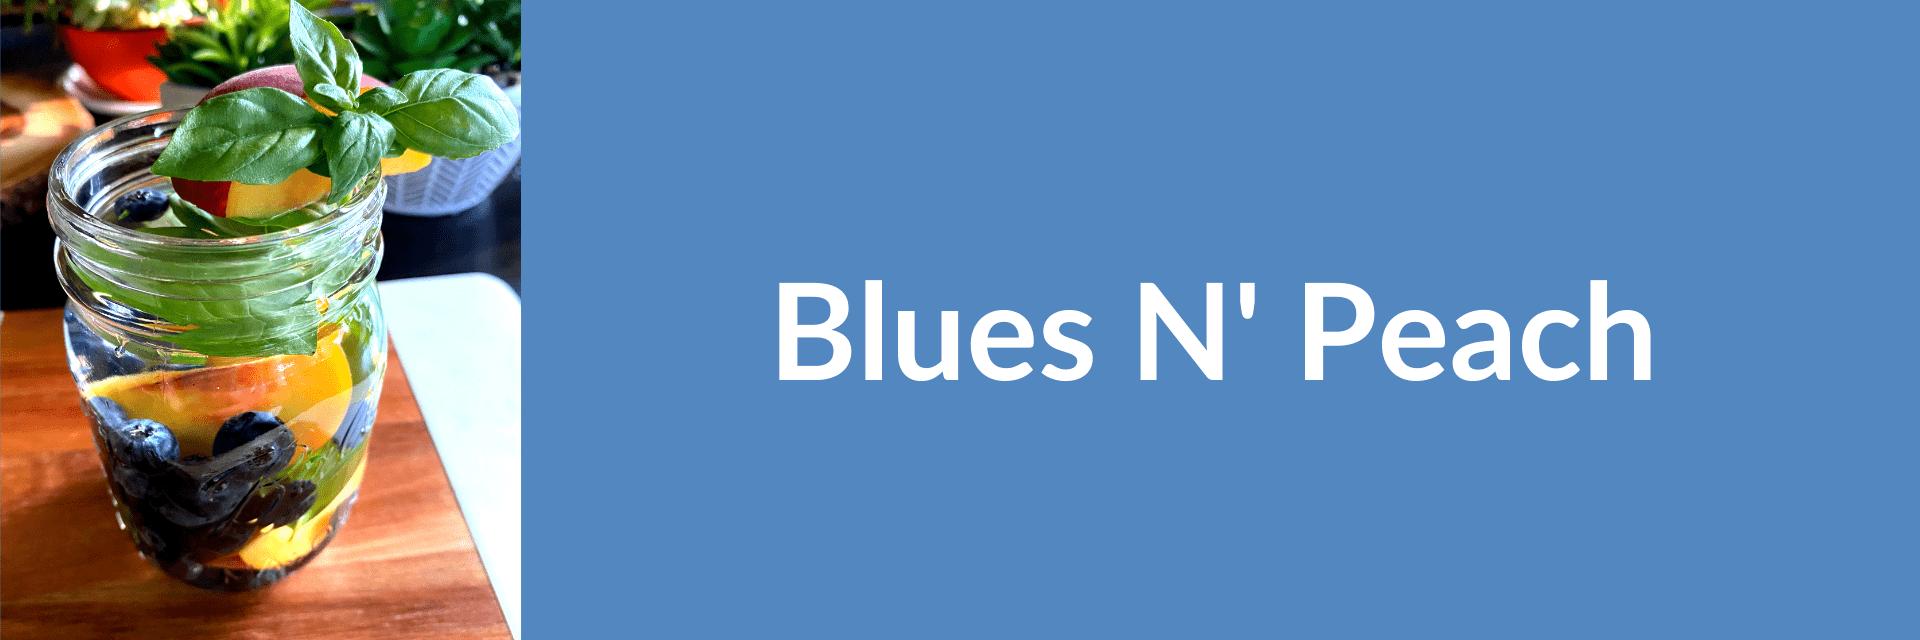 Blues N' Peach